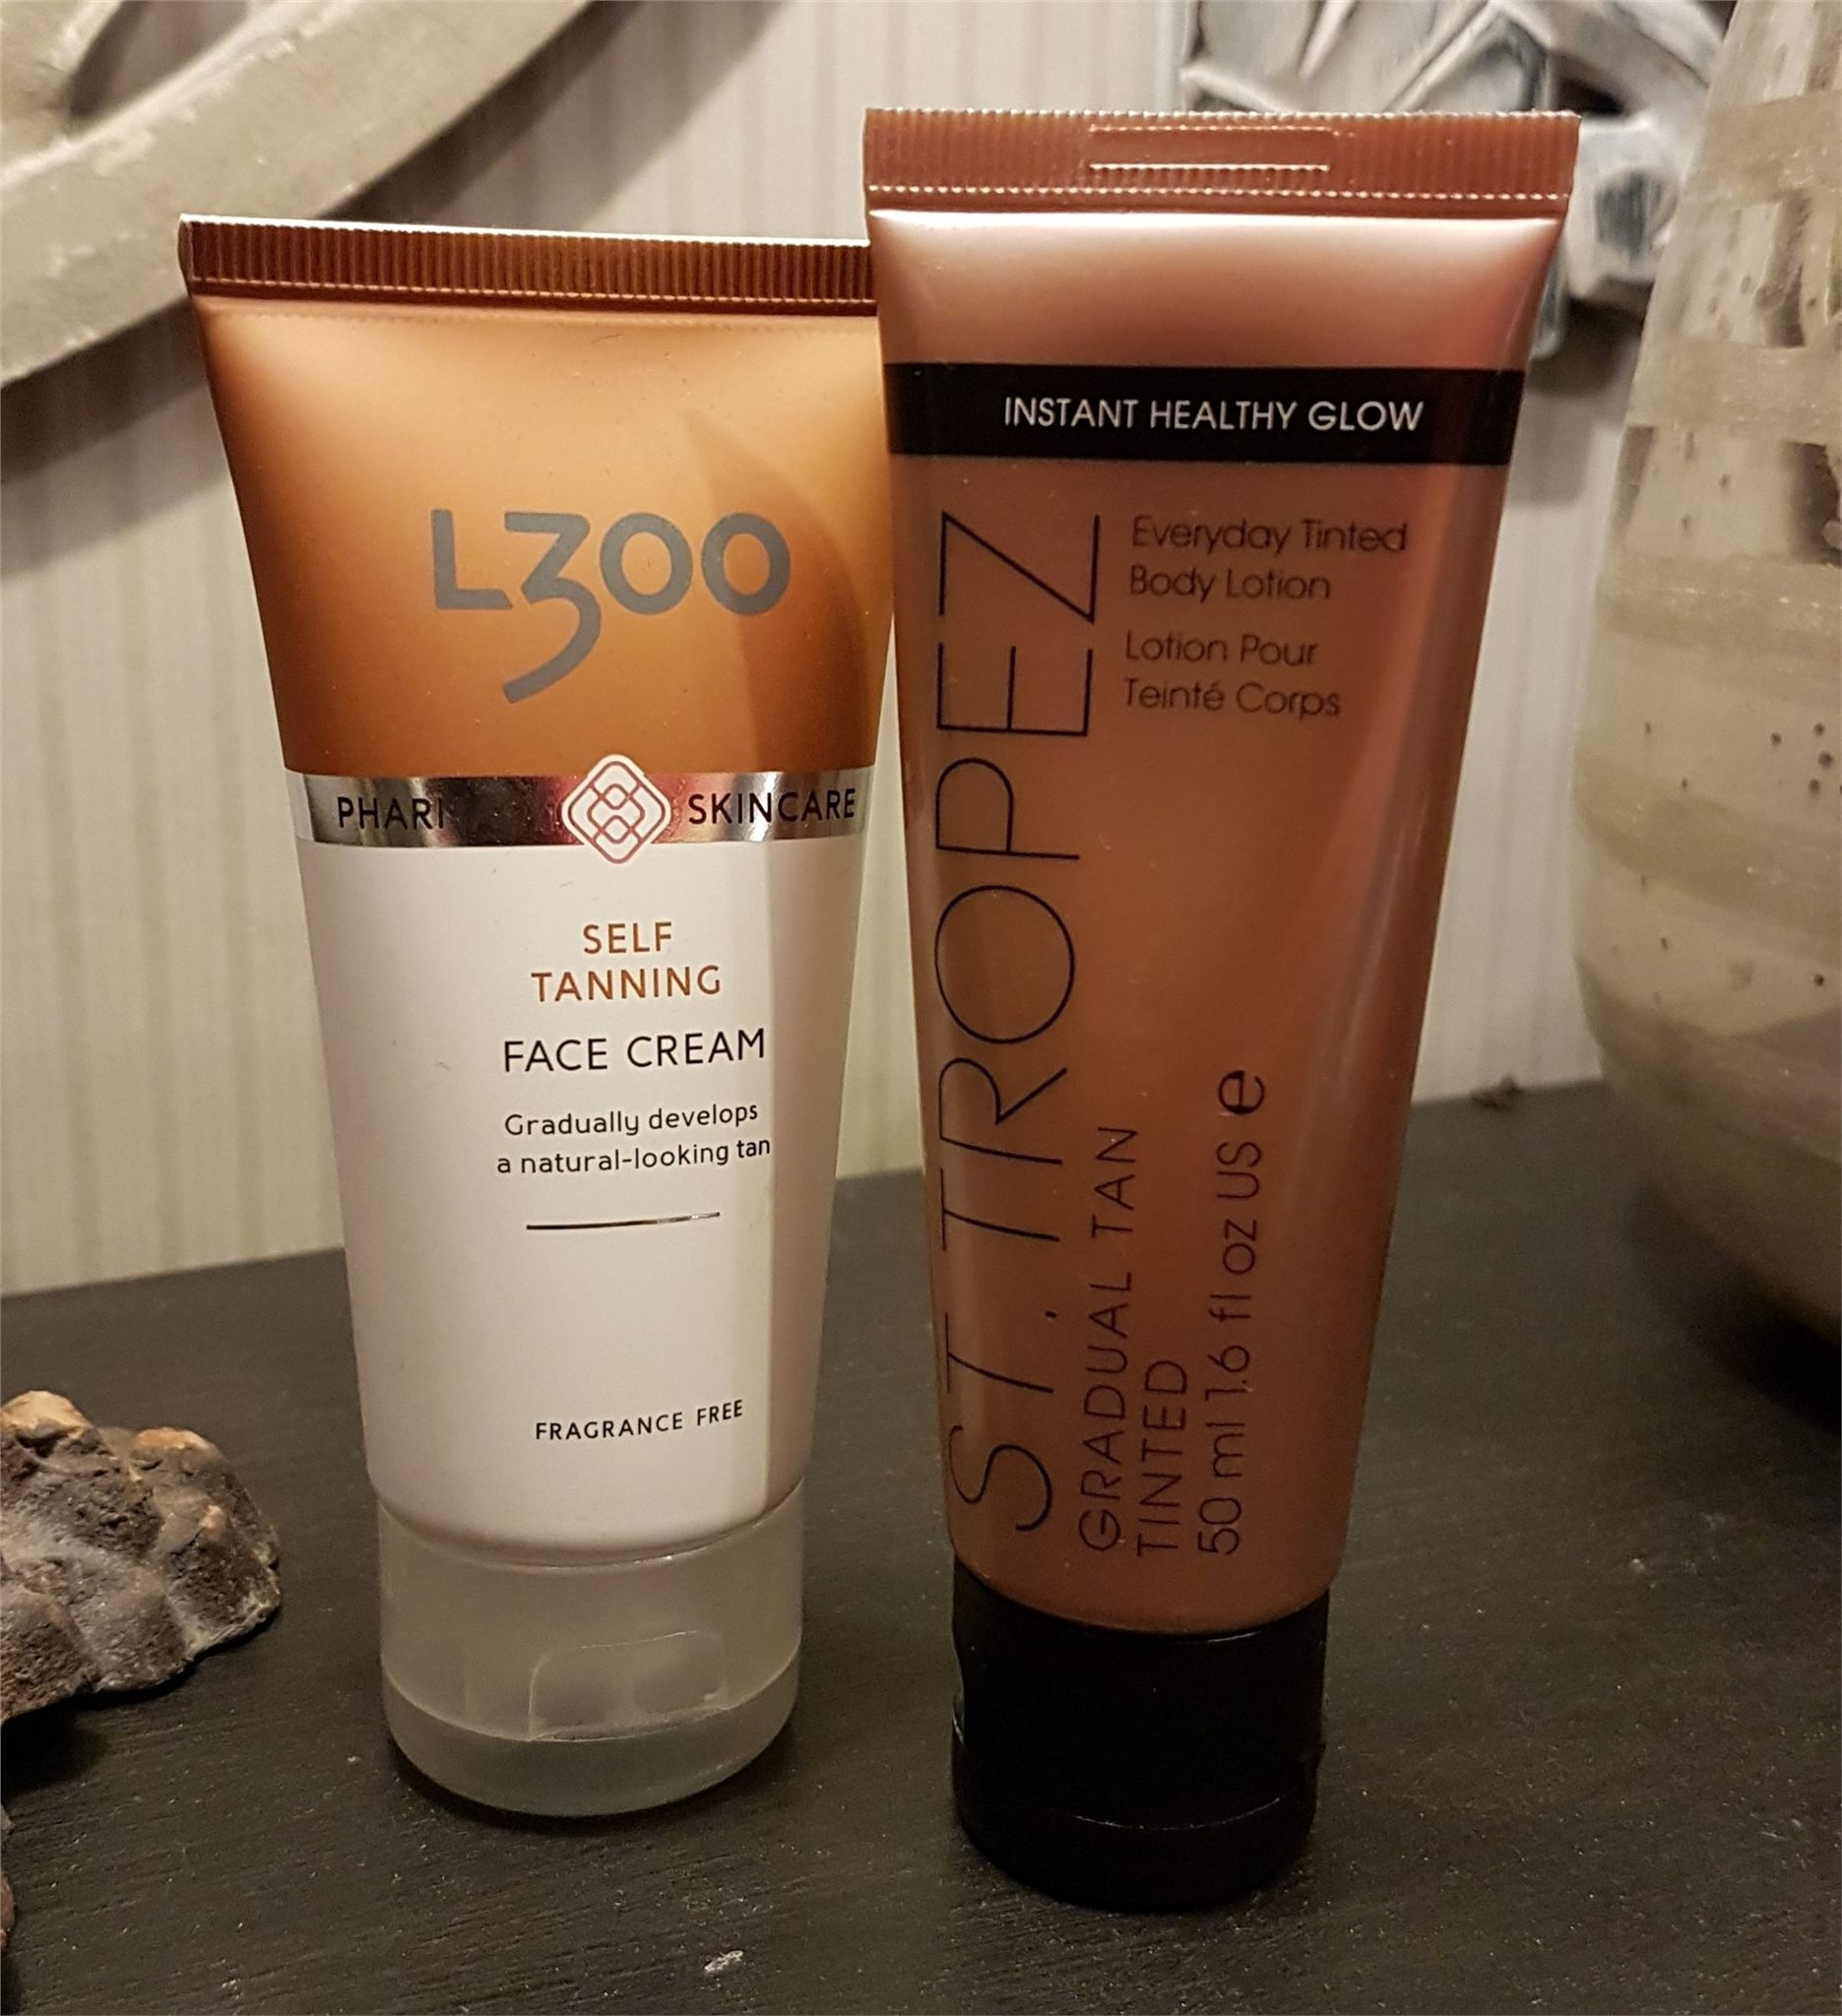 l300 self tanning cream